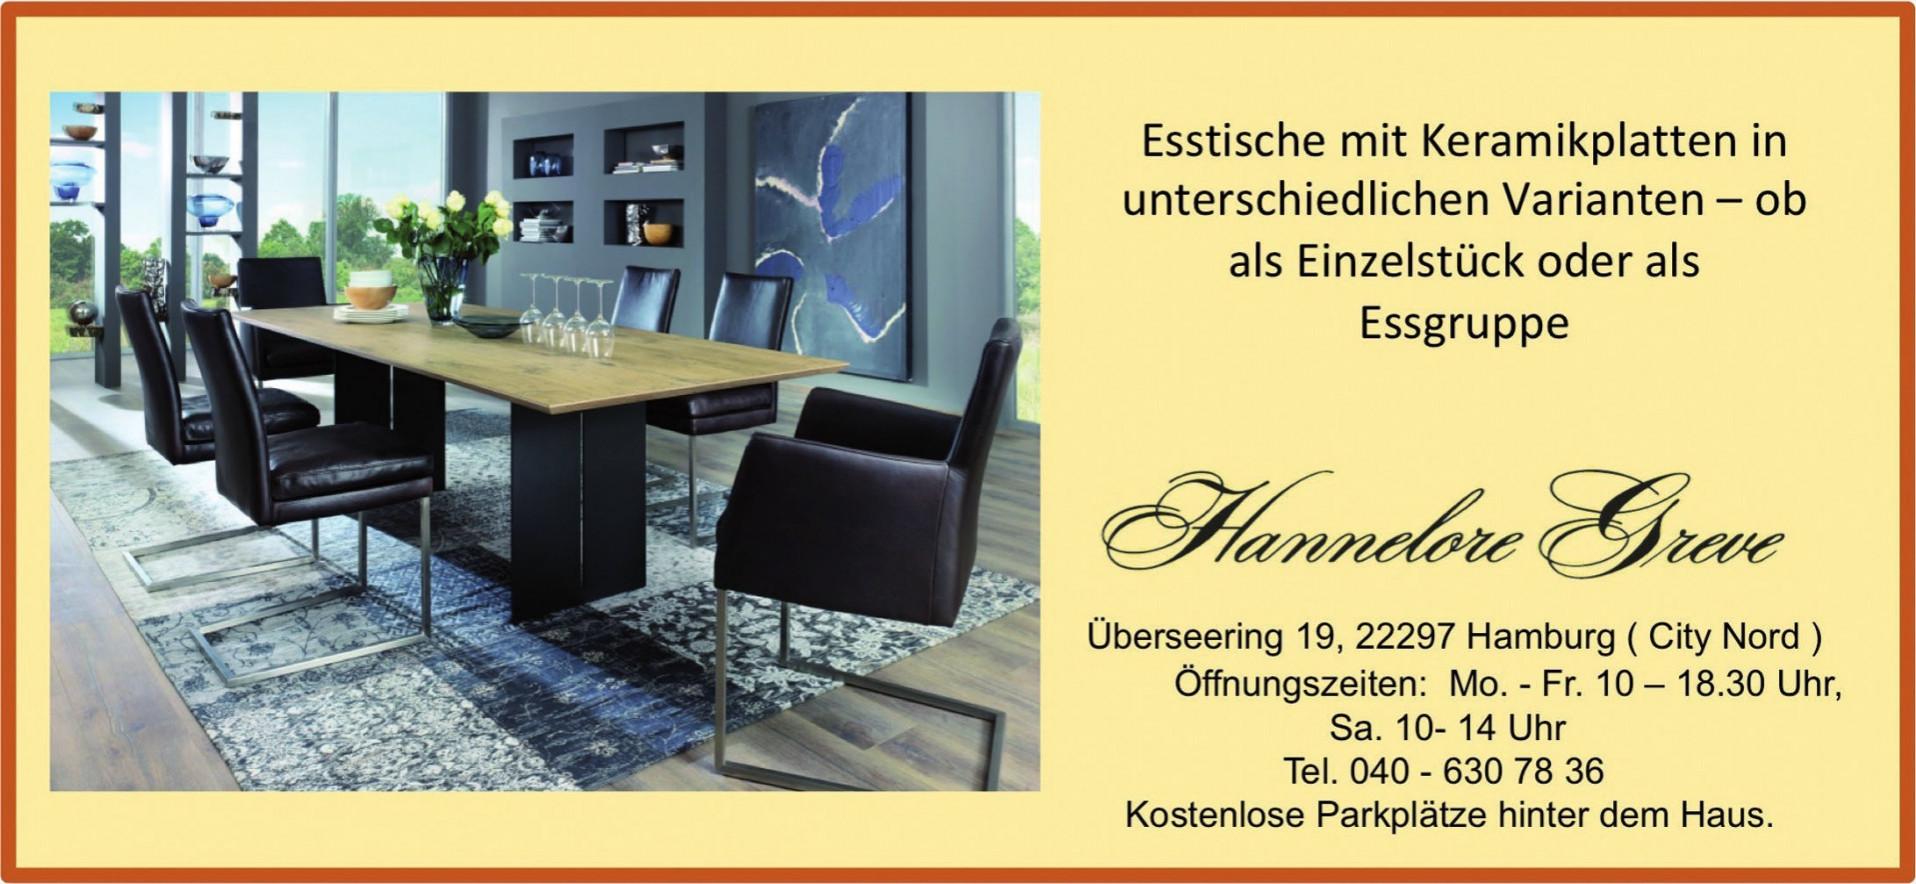 Hannelore Greve Handelsgesellschaft mbH & Co.